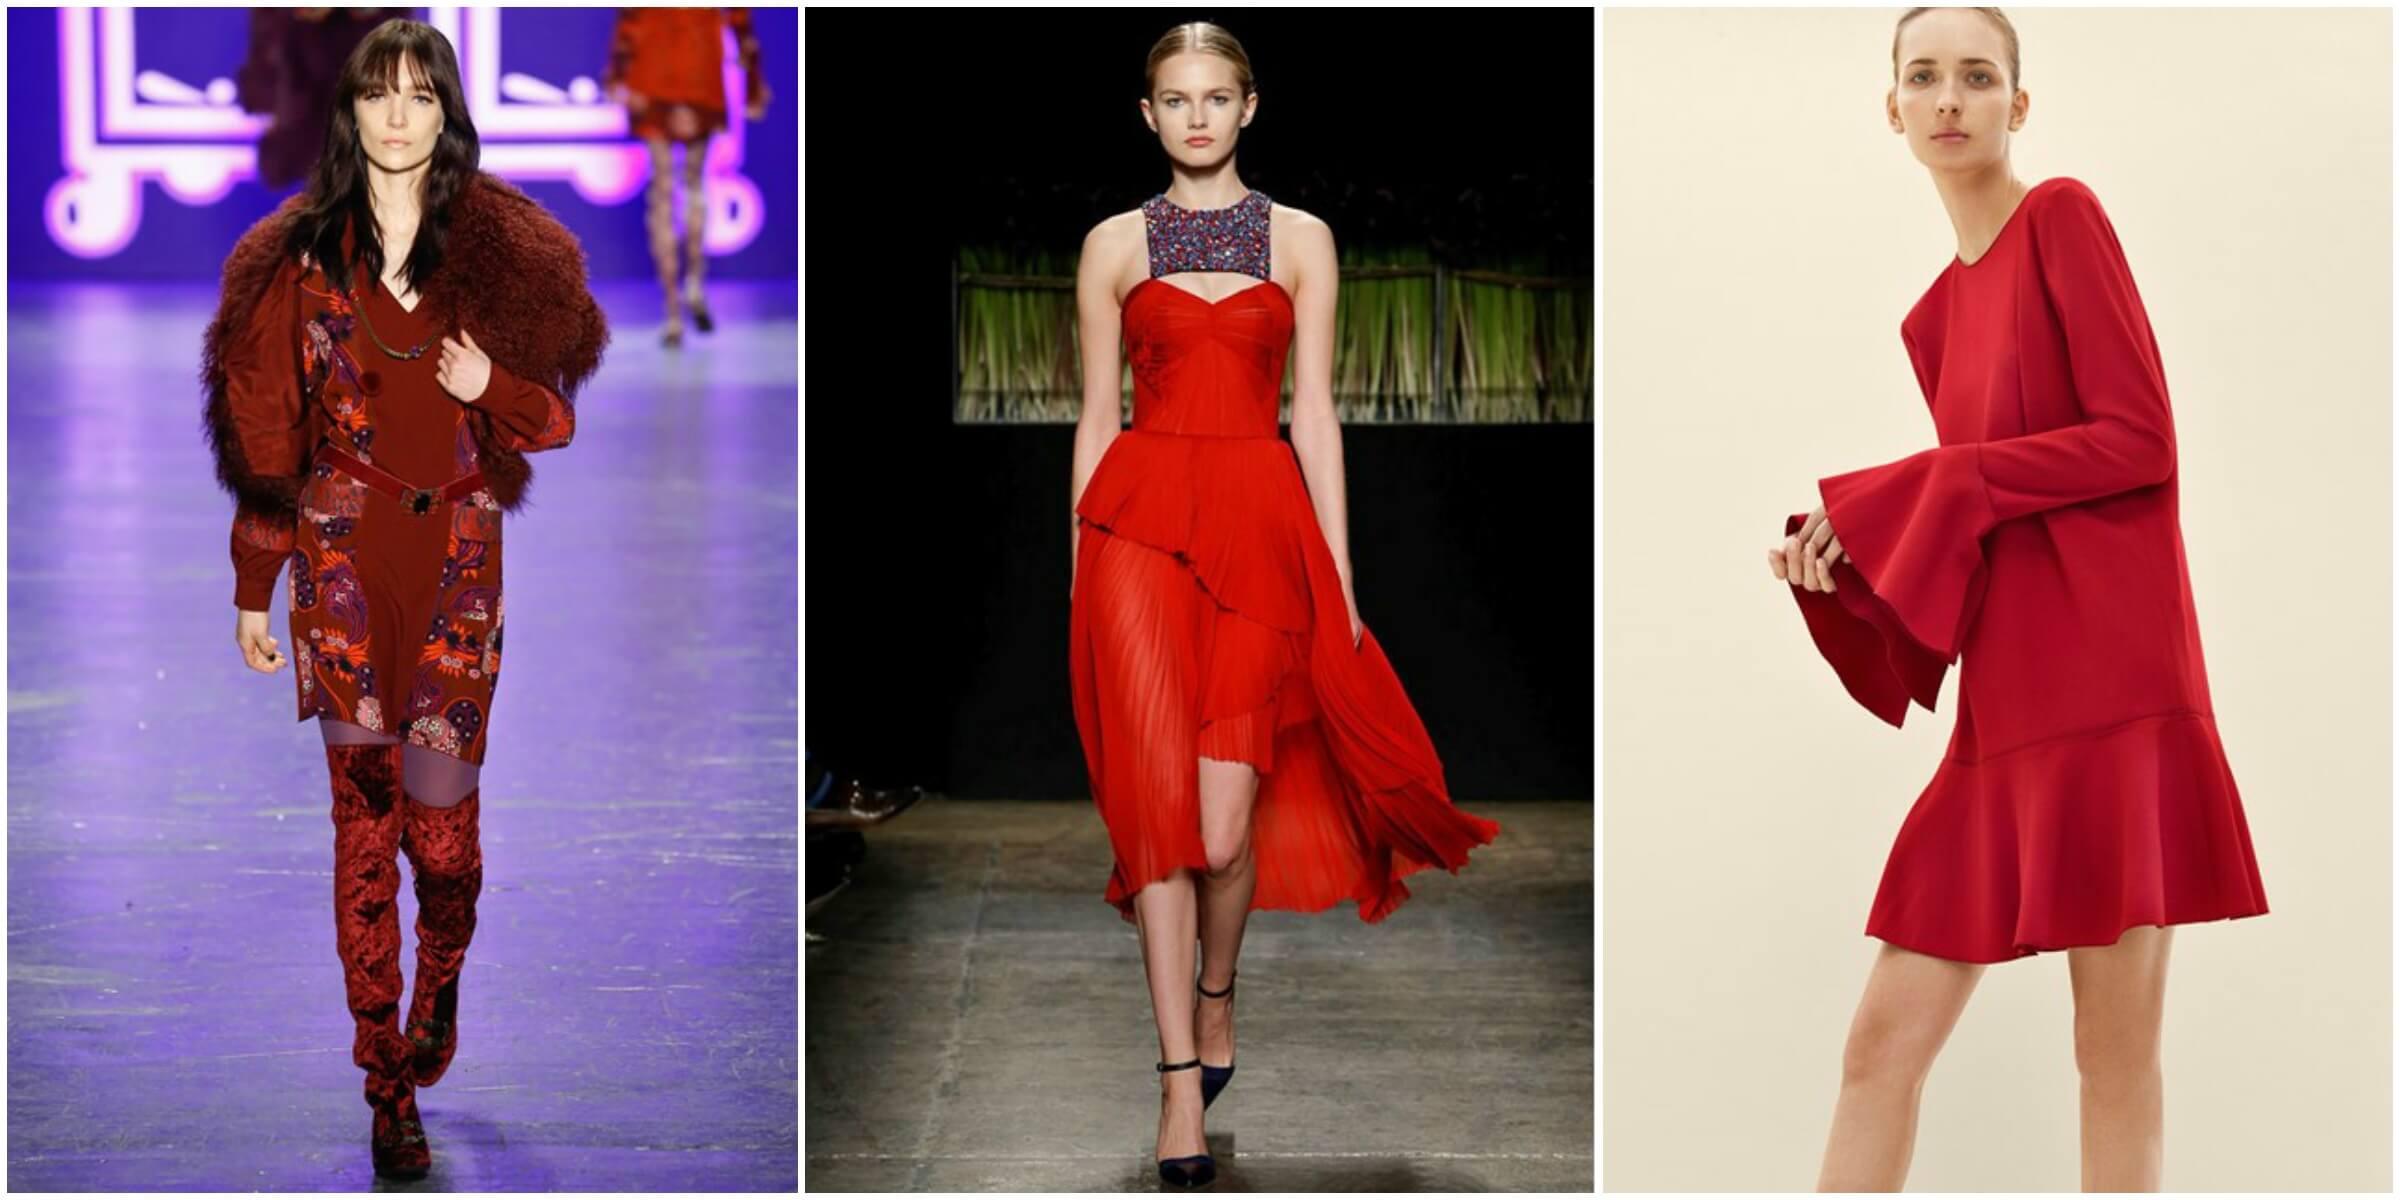 Anna Sui FW16 via Vogue; J Mendel FW16 via Vogue; Theory FW16 via Vogue